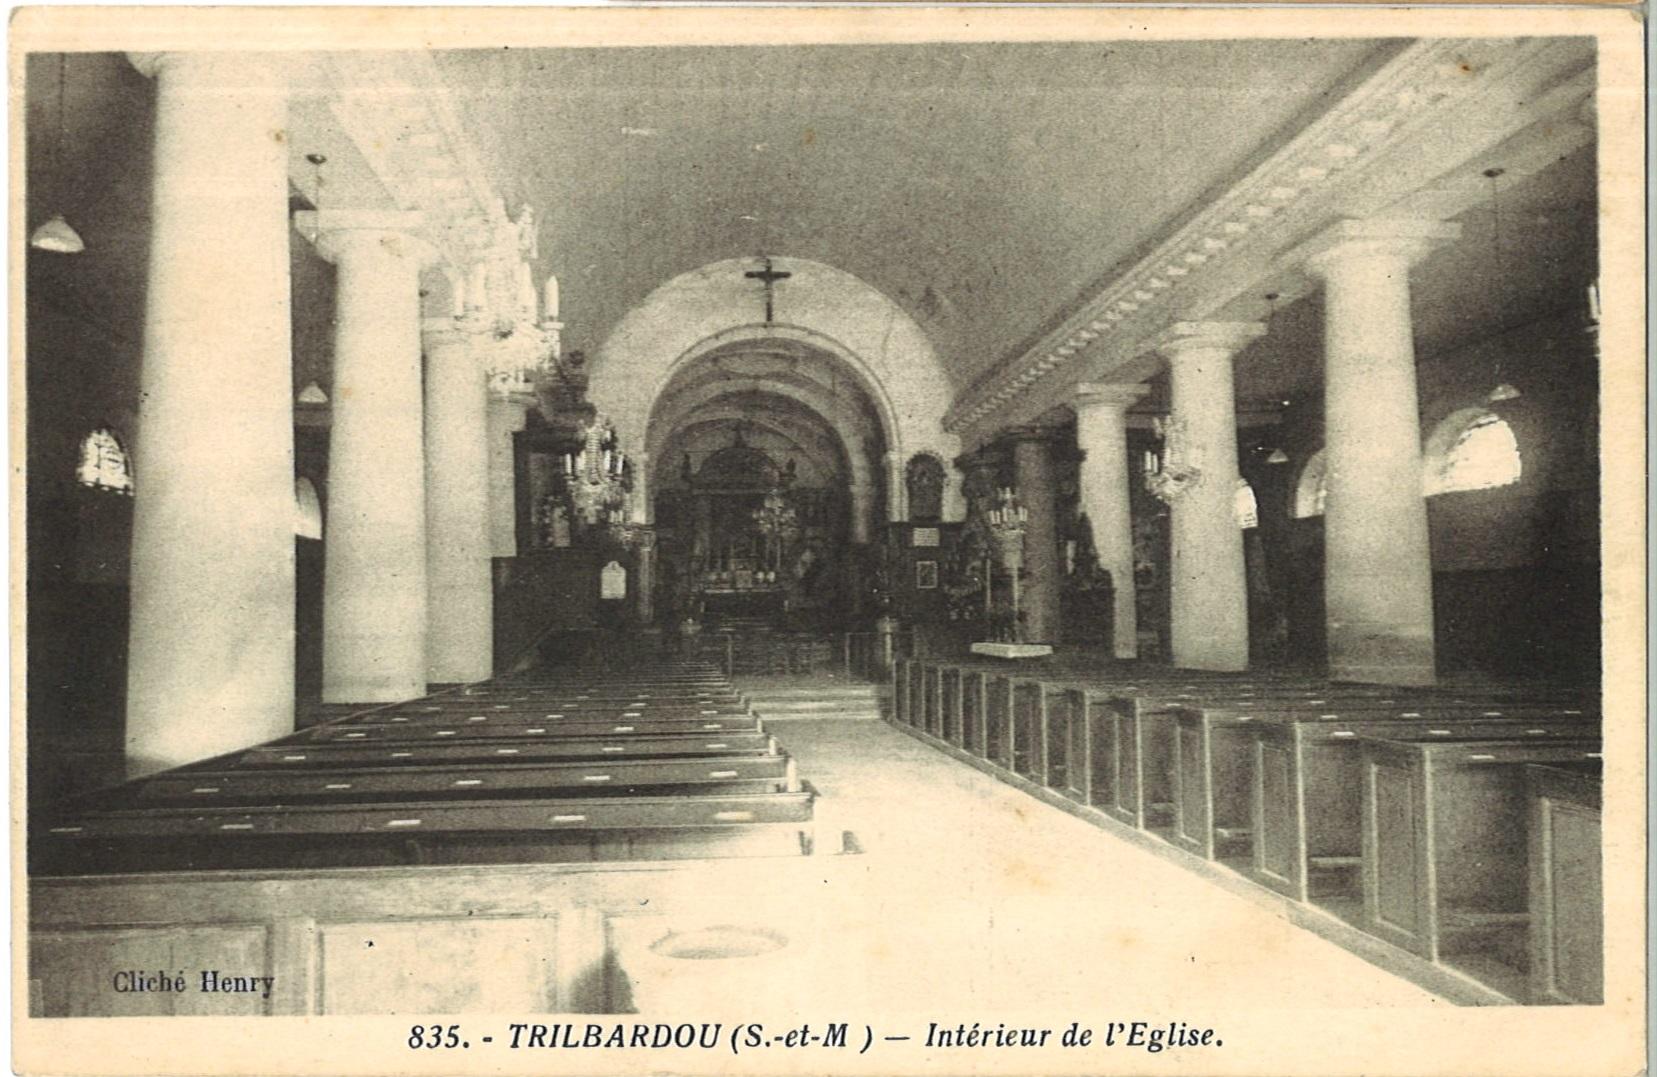 Eglise0164.jpg